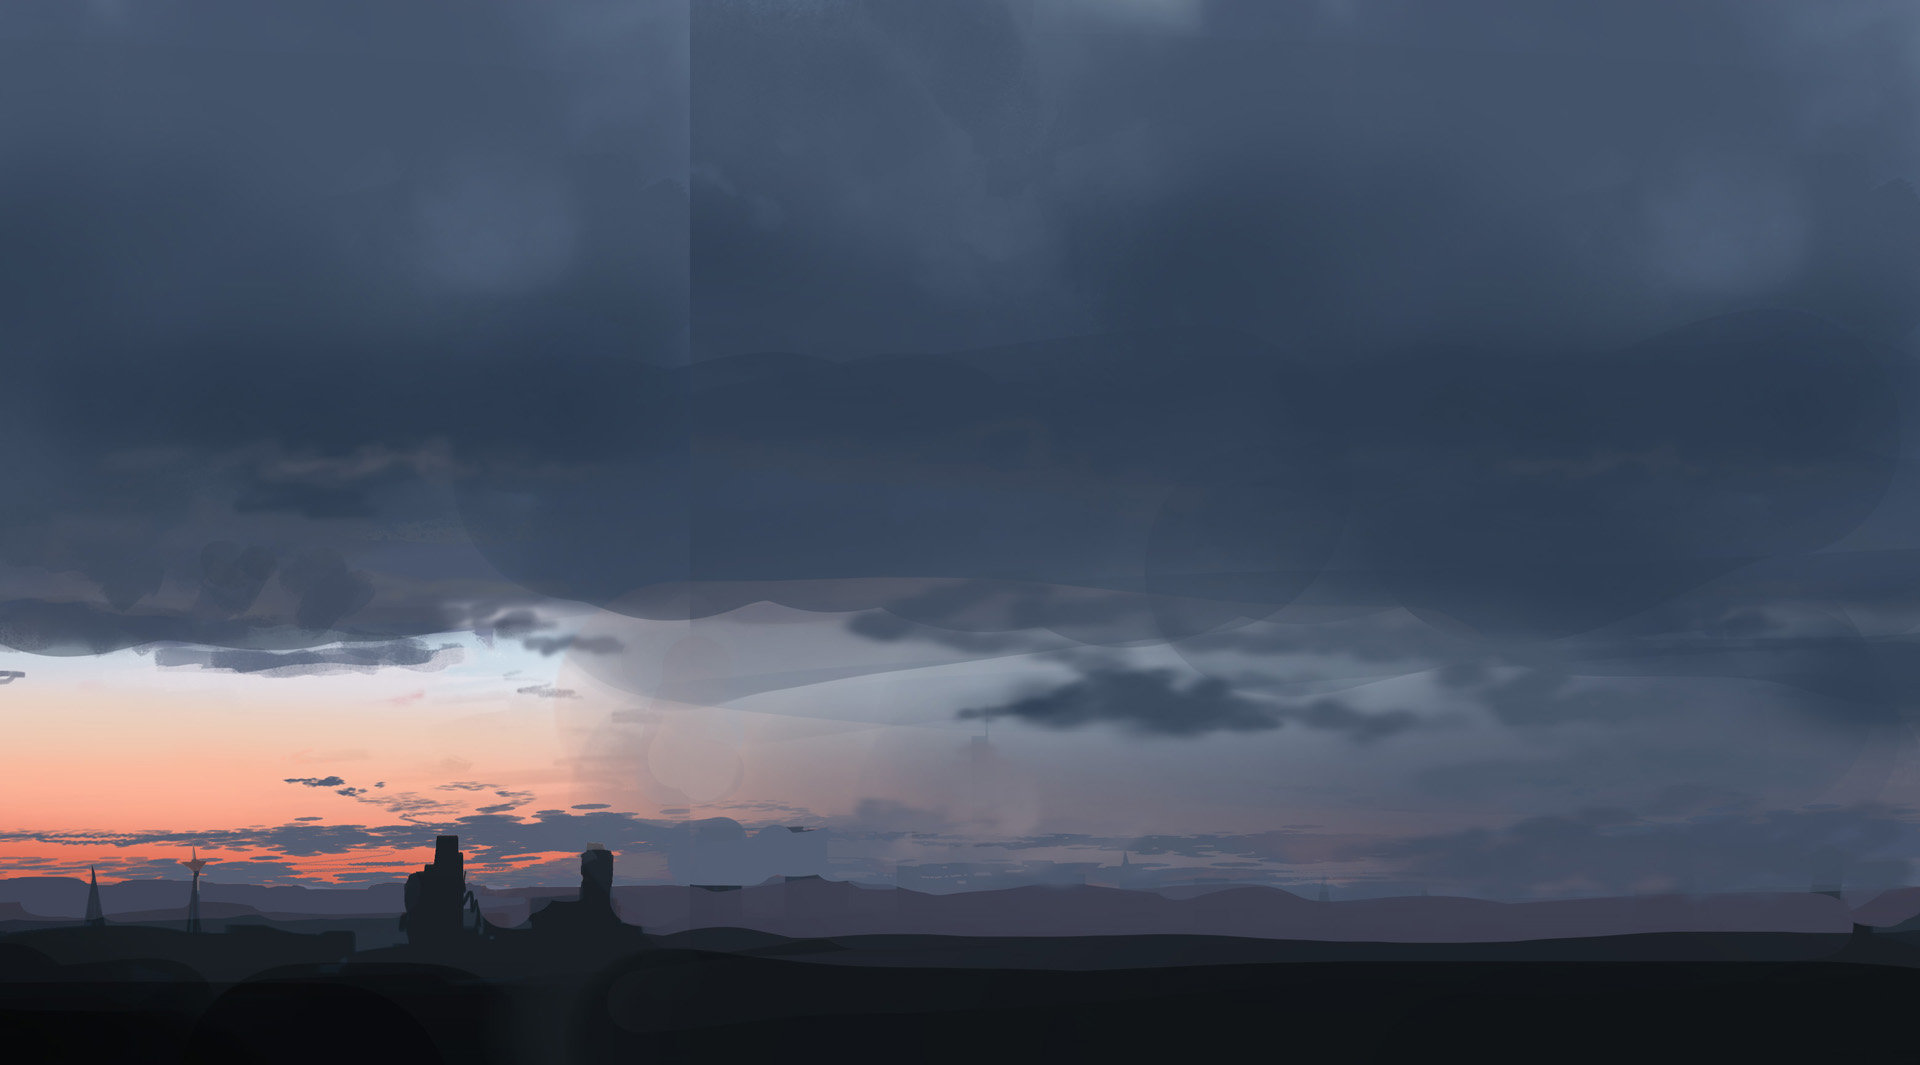 Viktor jonsson study sunset